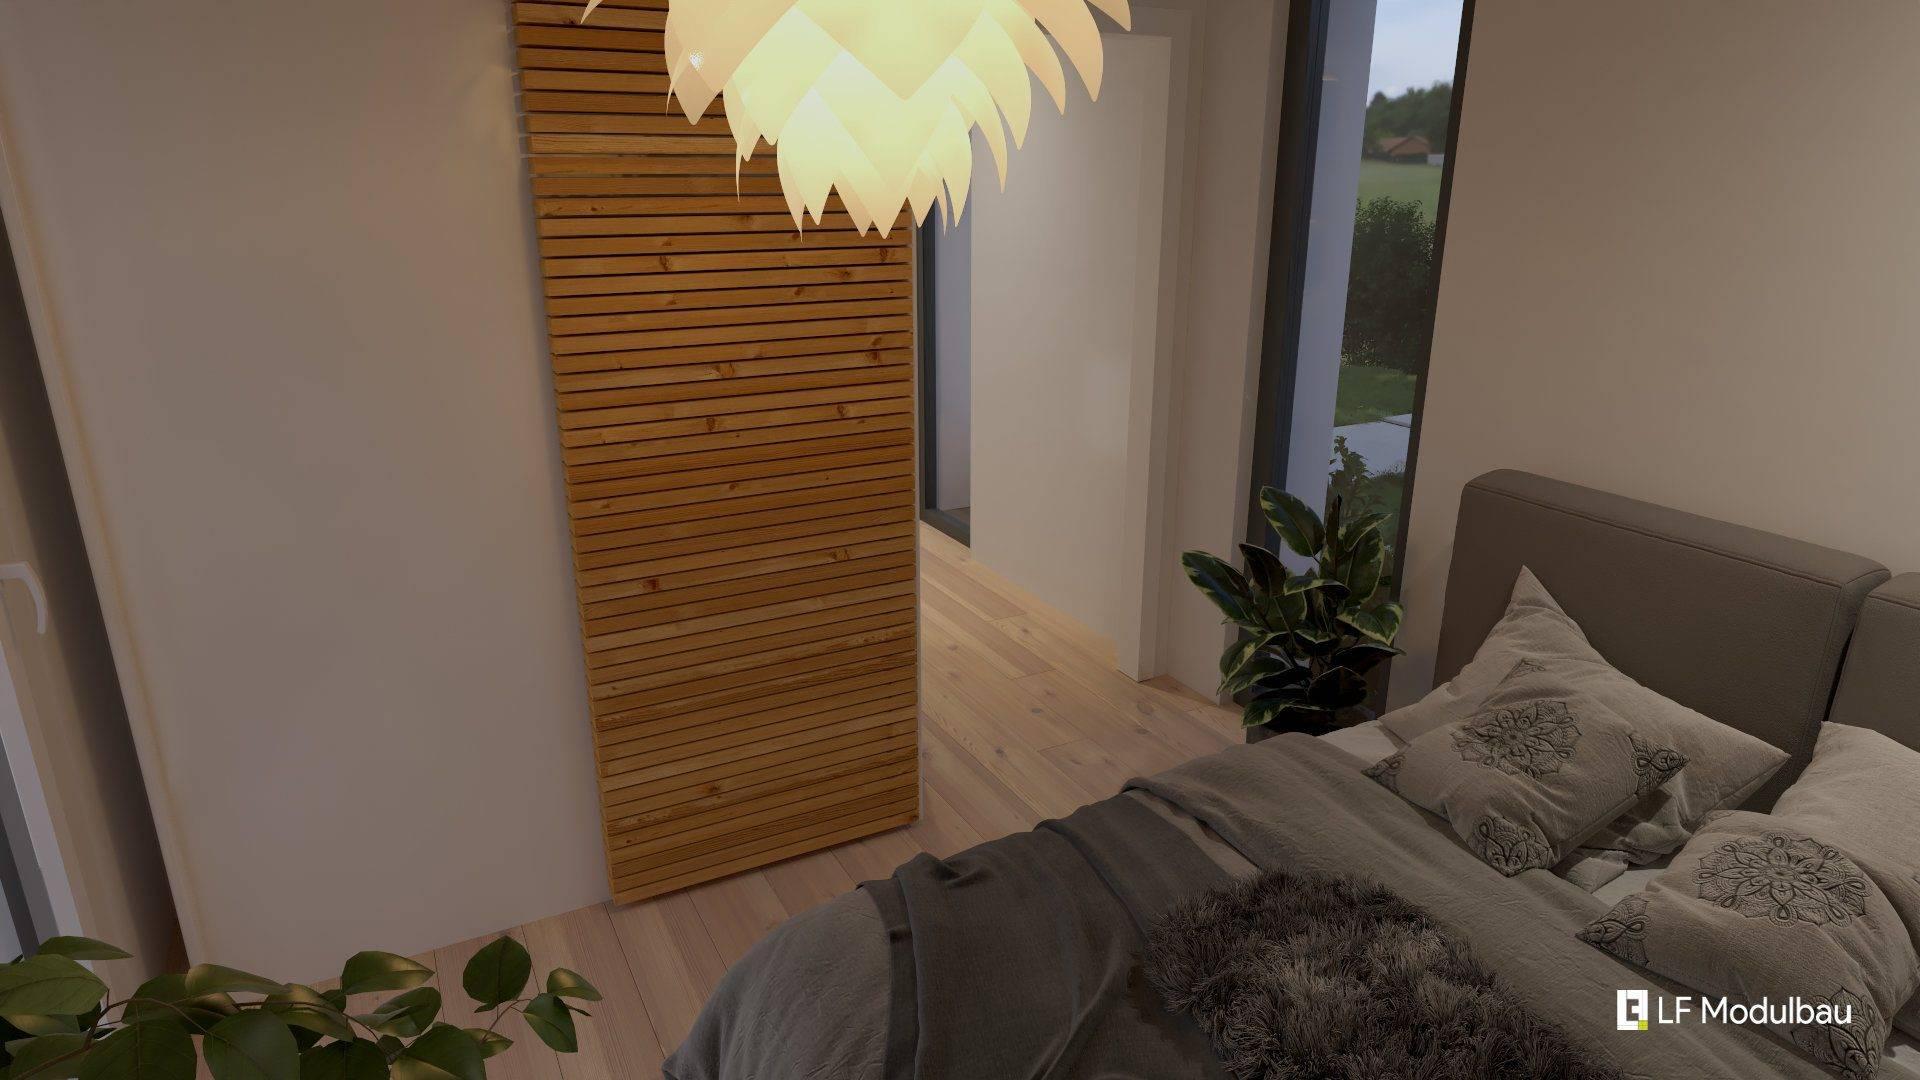 Das Schlafzimmer unseres Fertighauses in modulbauweise - LF Home I